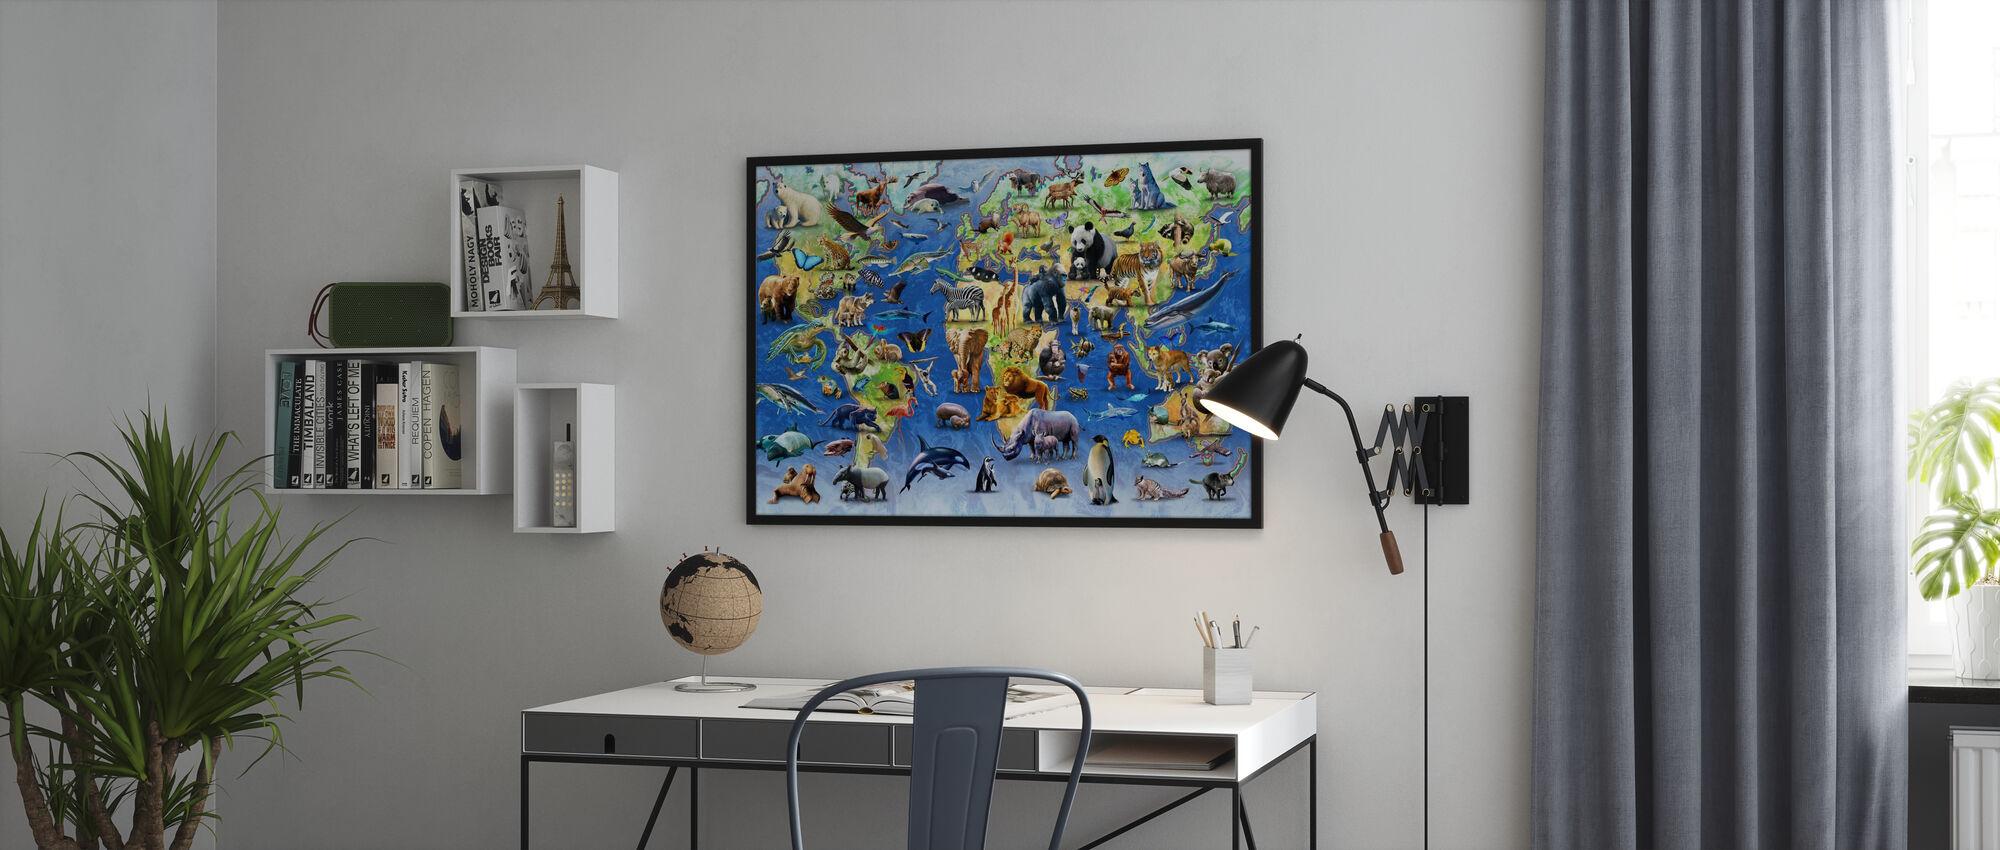 Honderd bedreigde soorten - Ingelijste print - Kantoor